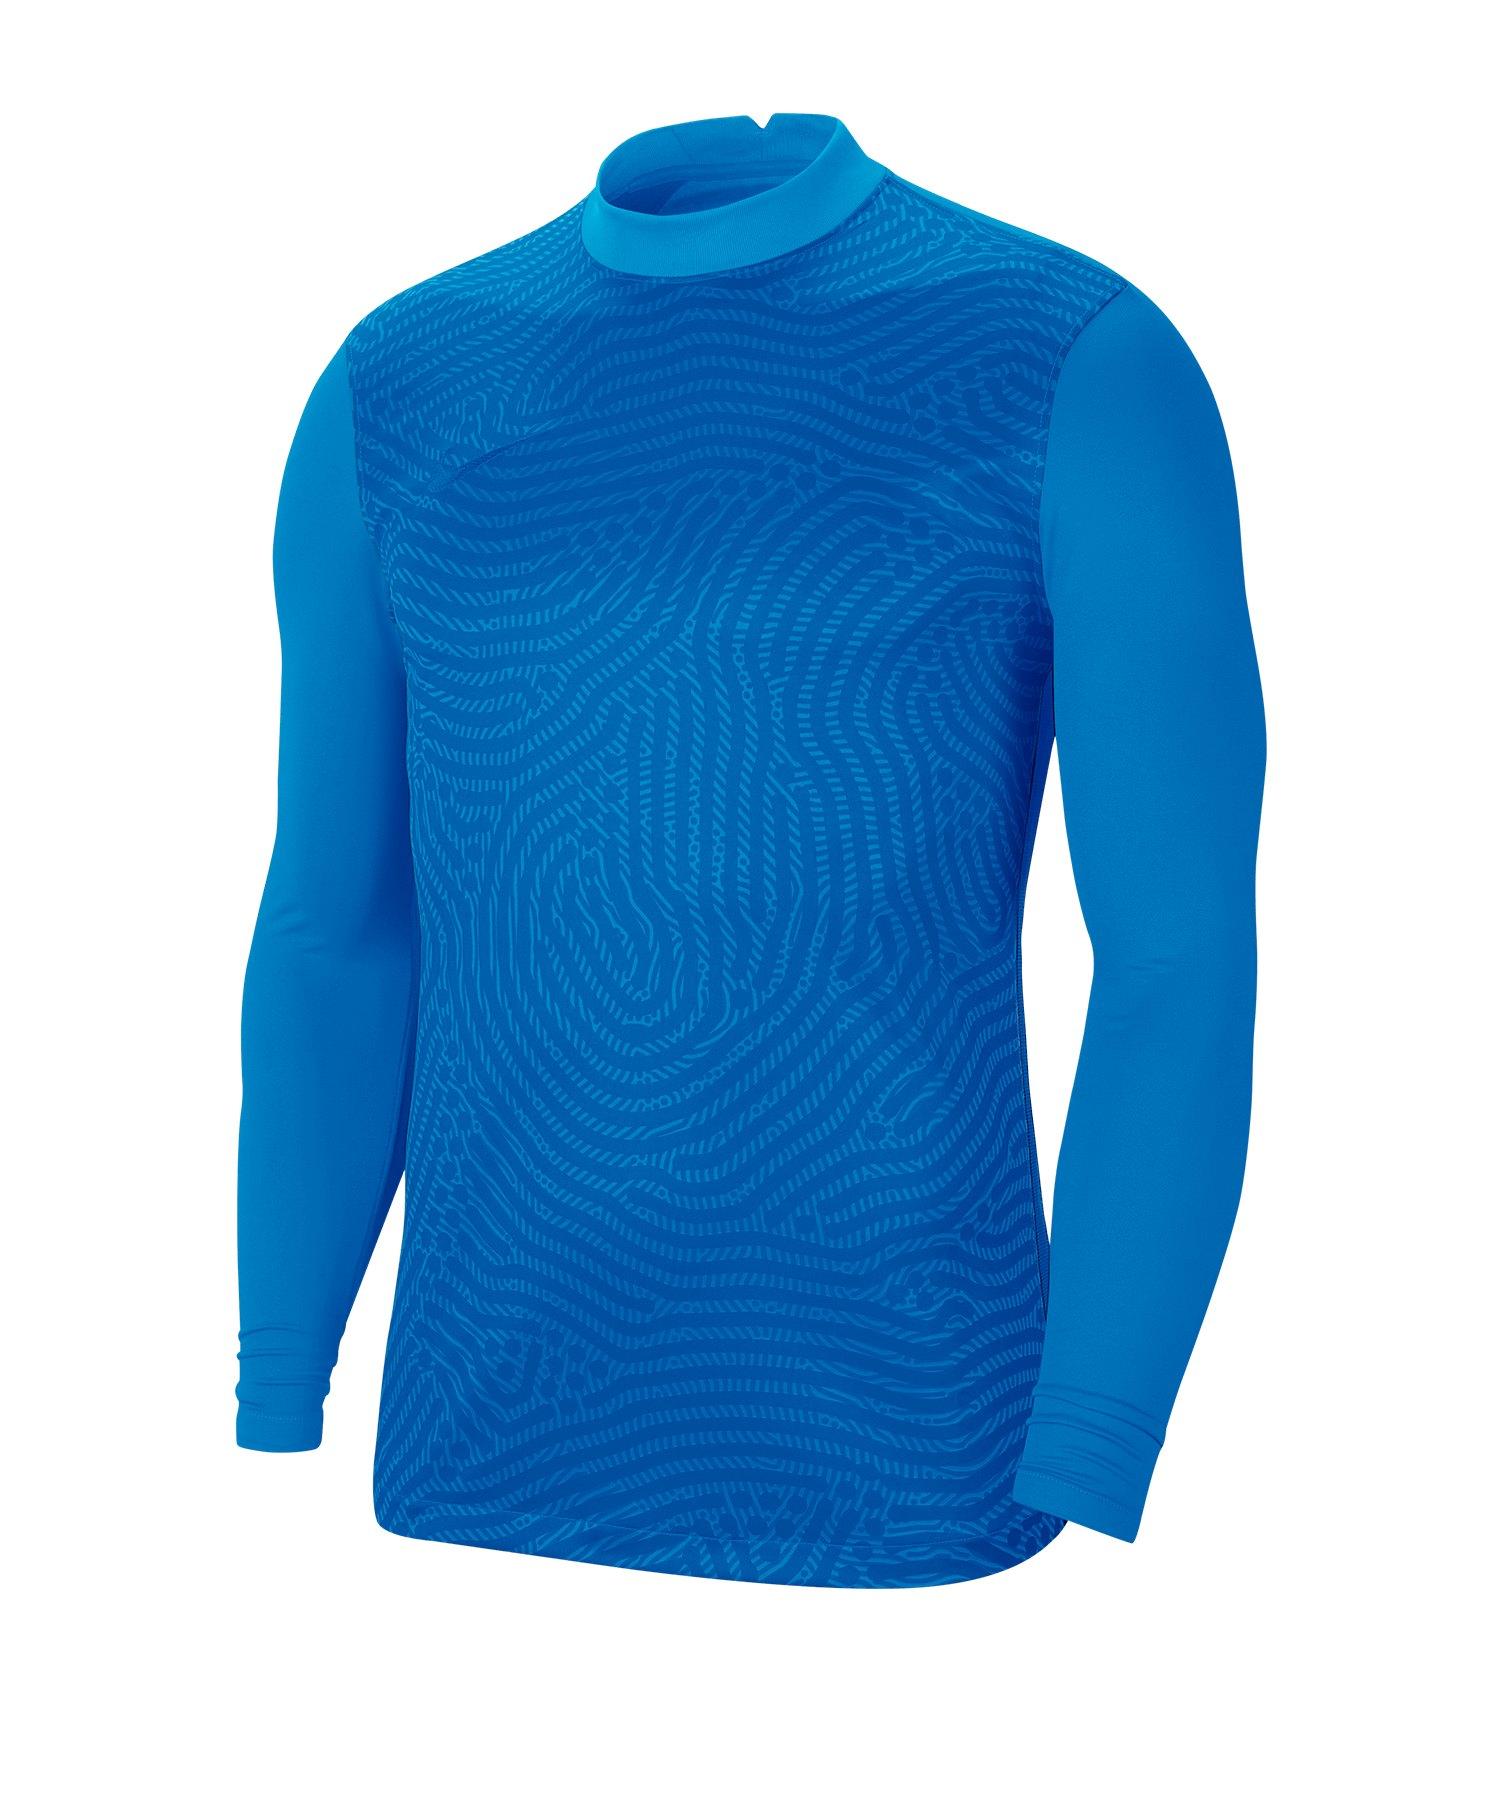 Nike Gardien III Torwarttrikot langarm Blau F406 - blau